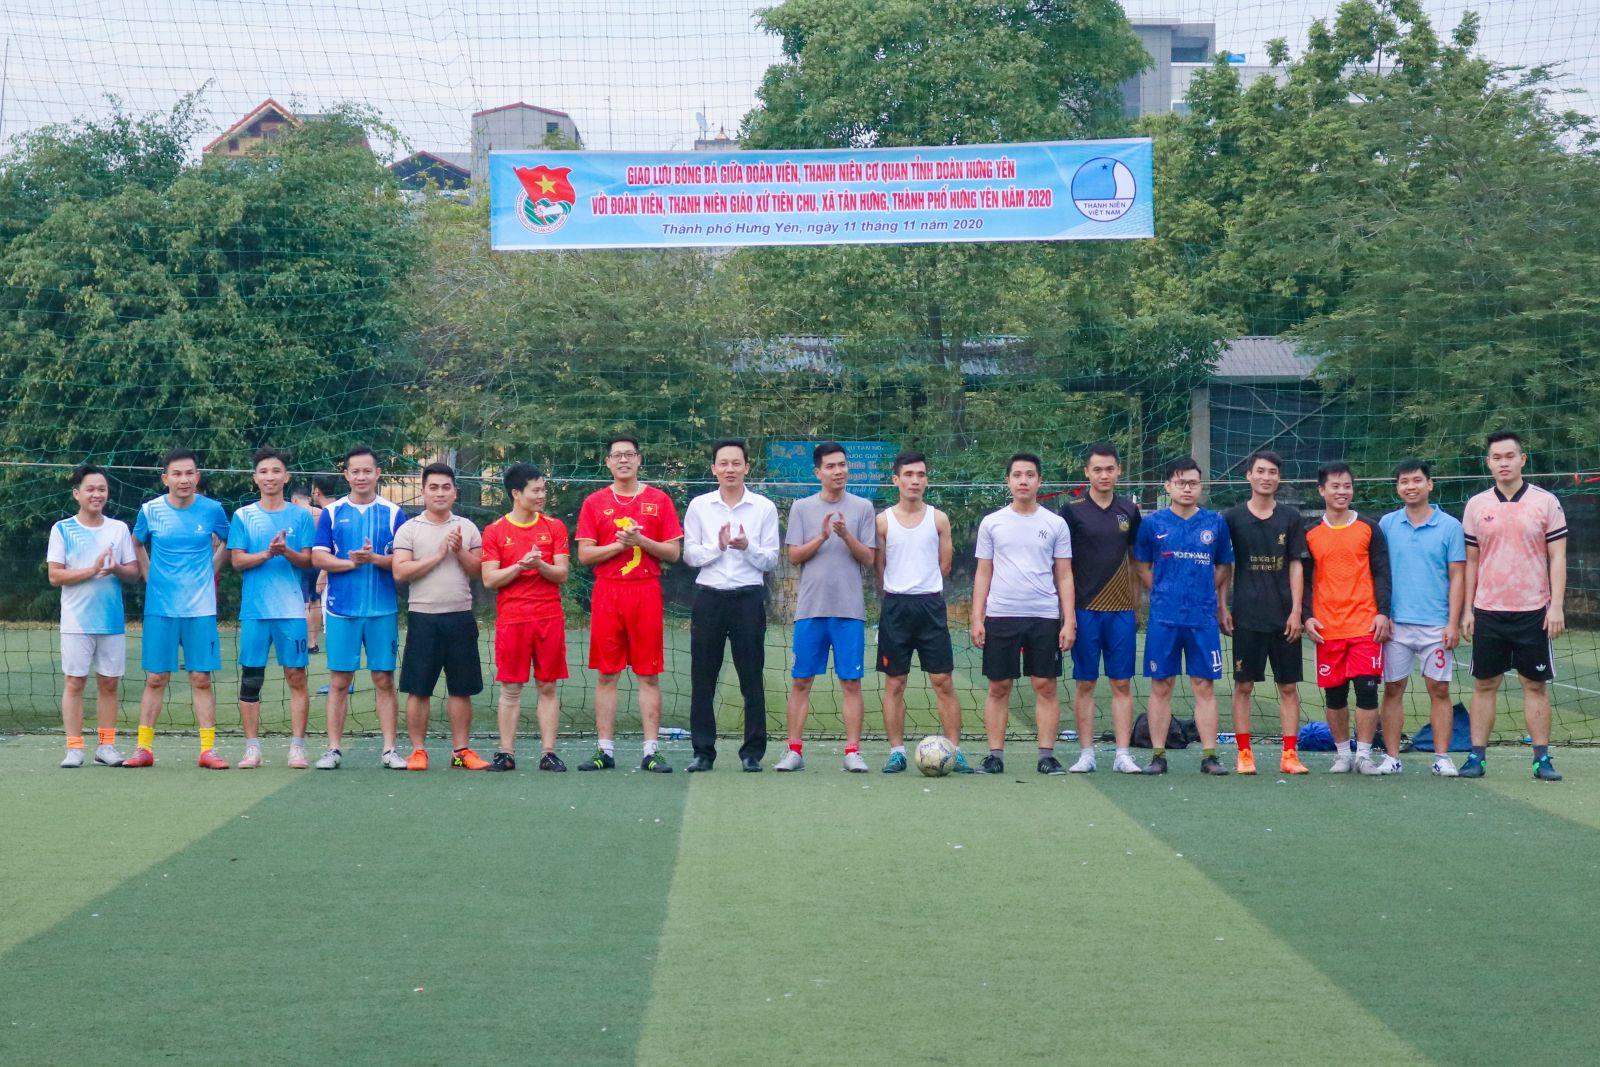 Ban Thường vụ Tỉnh đoàn, Hội LHTN Việt Nam tỉnh tổ chức giao lưu bóng đá nam giữa ĐVTN Chi đoàn cơ quan Tỉnh đoàn và ĐVTN giáo xứ Tiên Chu